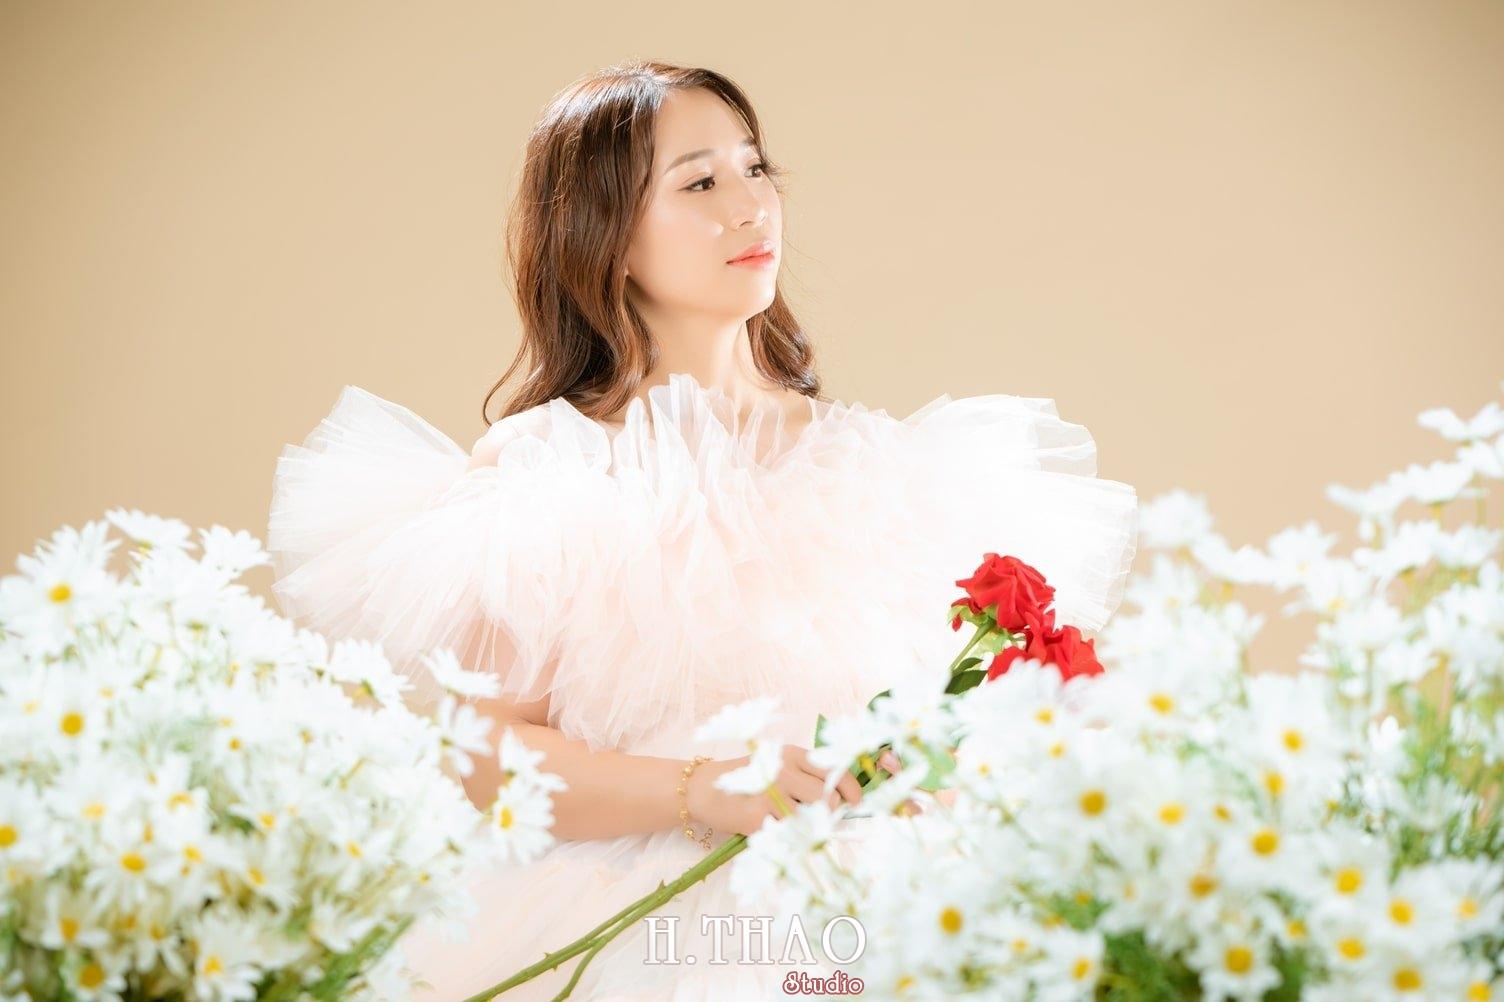 Anh Beauty 3 - Album ảnh beauty bé Sang đẹp nhẹ nhàng - HThao Studio